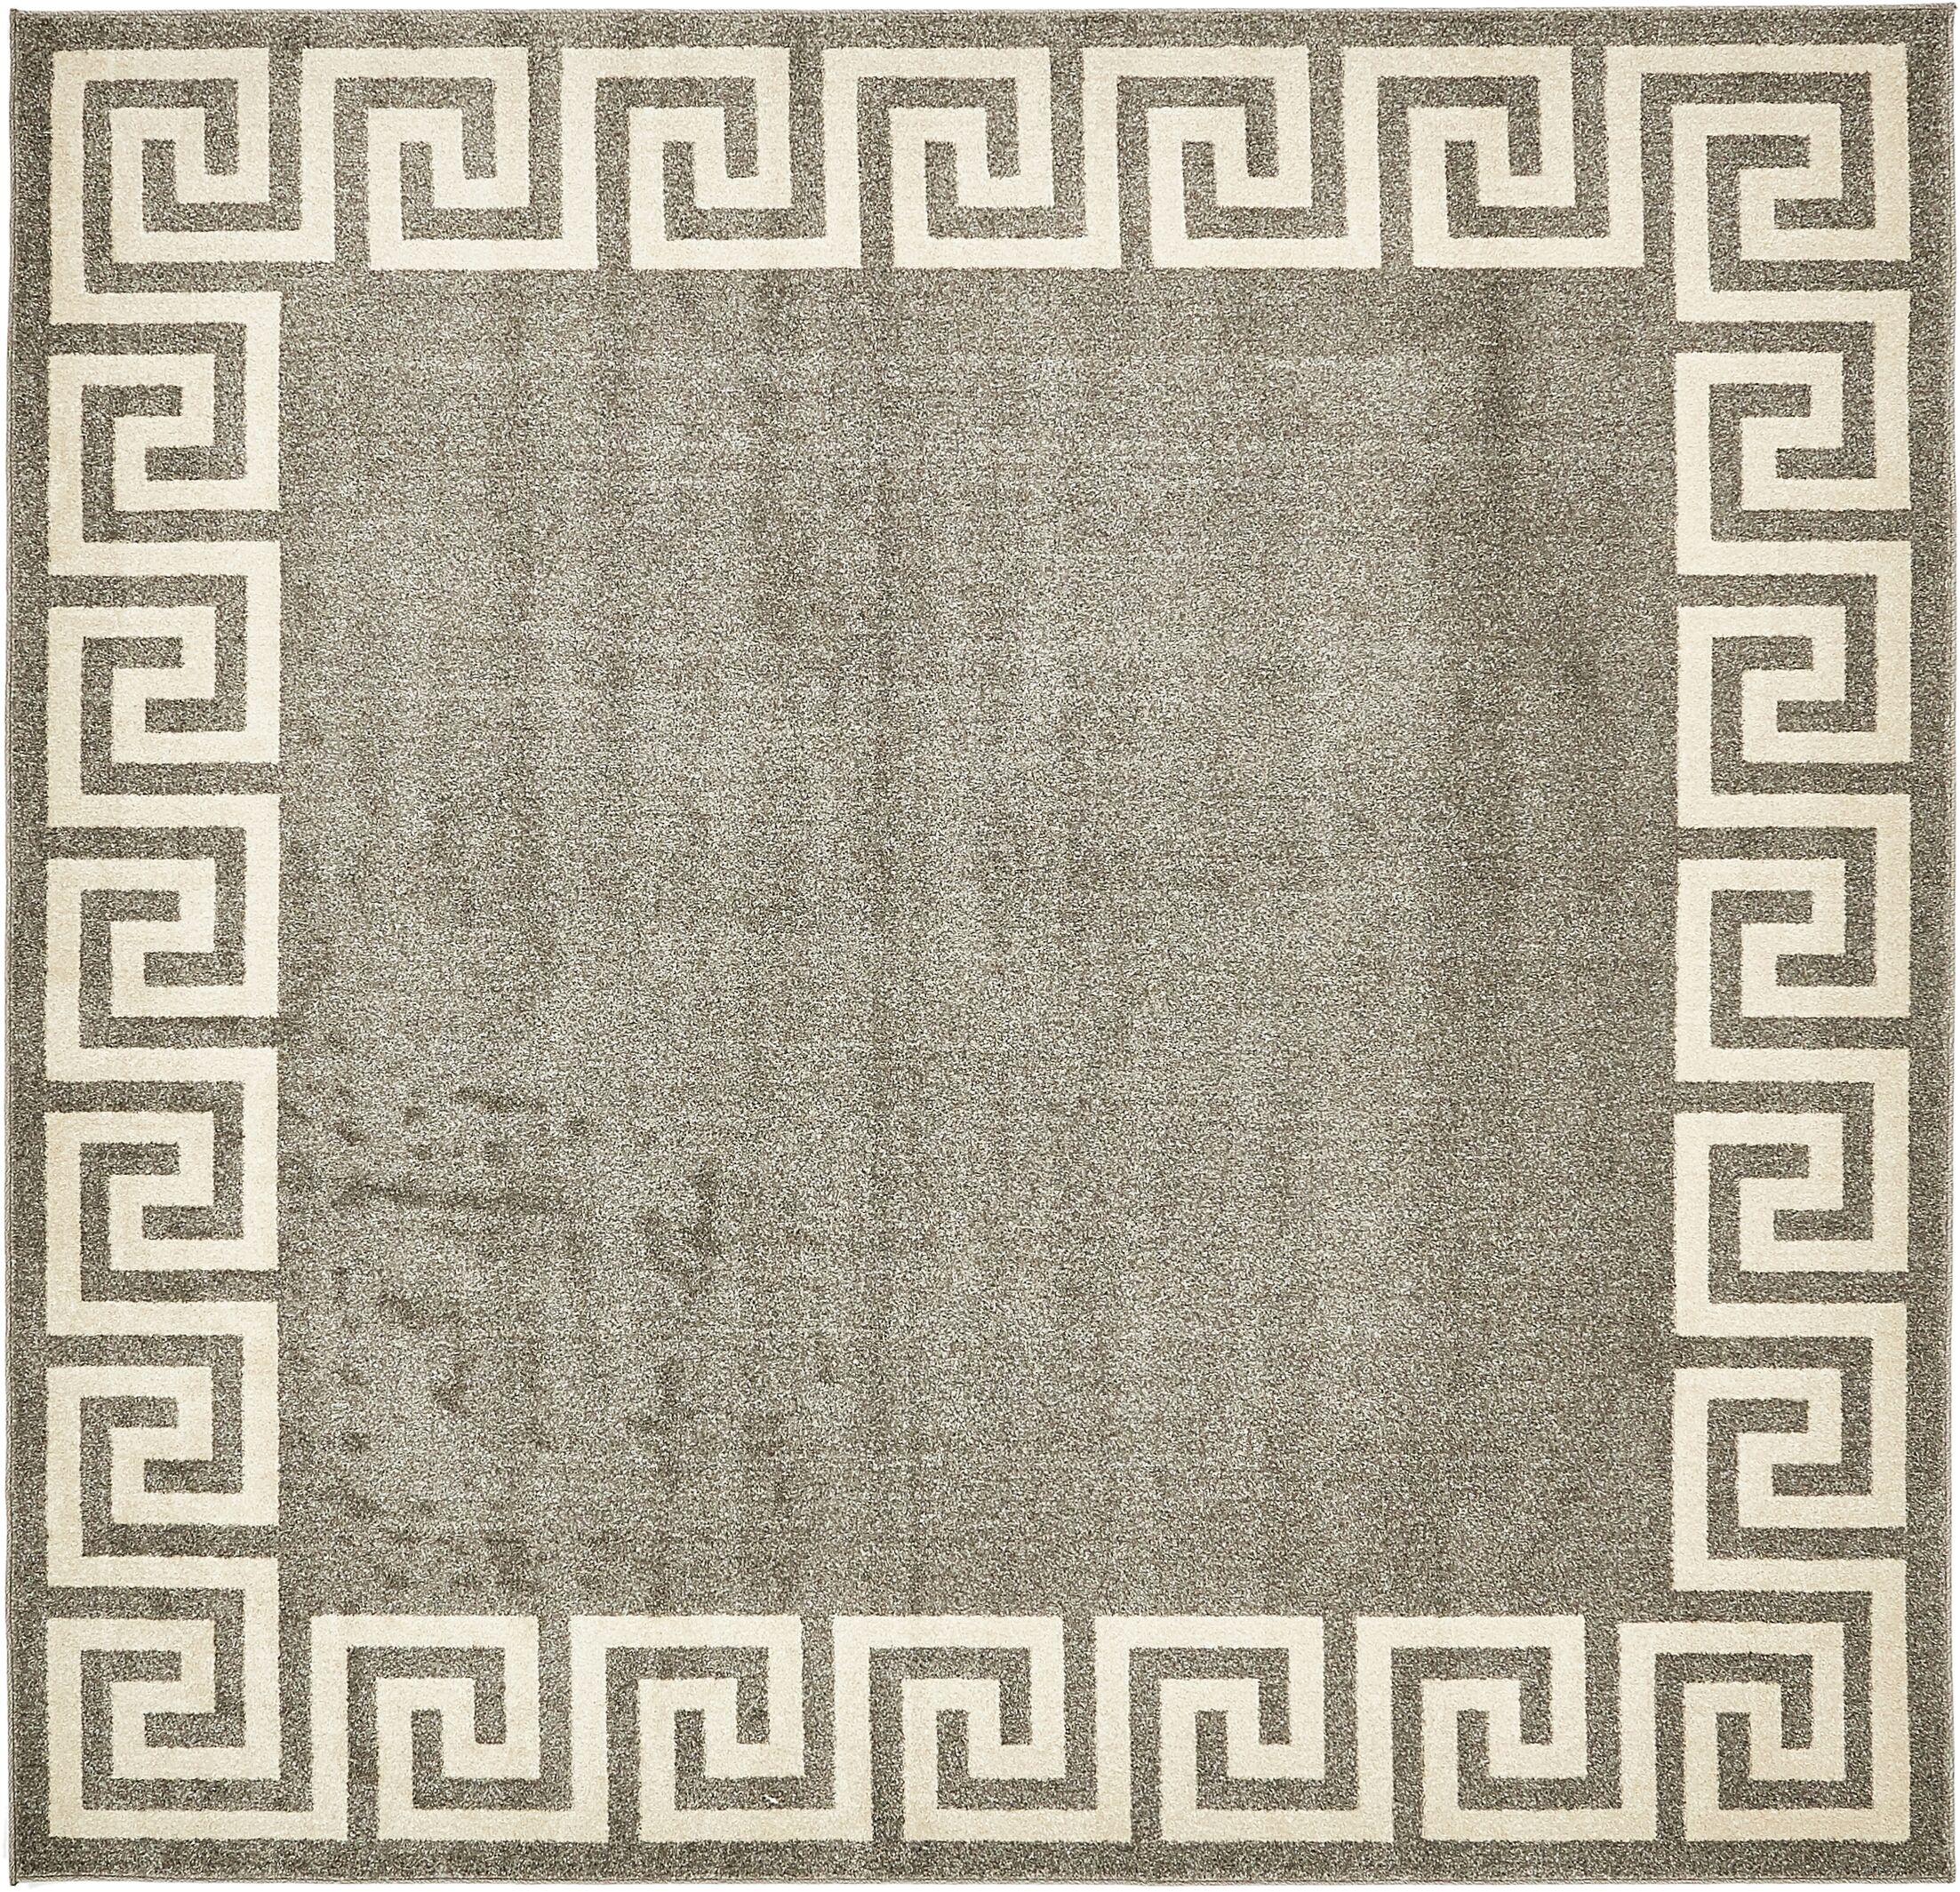 Cendrillon Gray Area Rug Rug Size: Square 8'